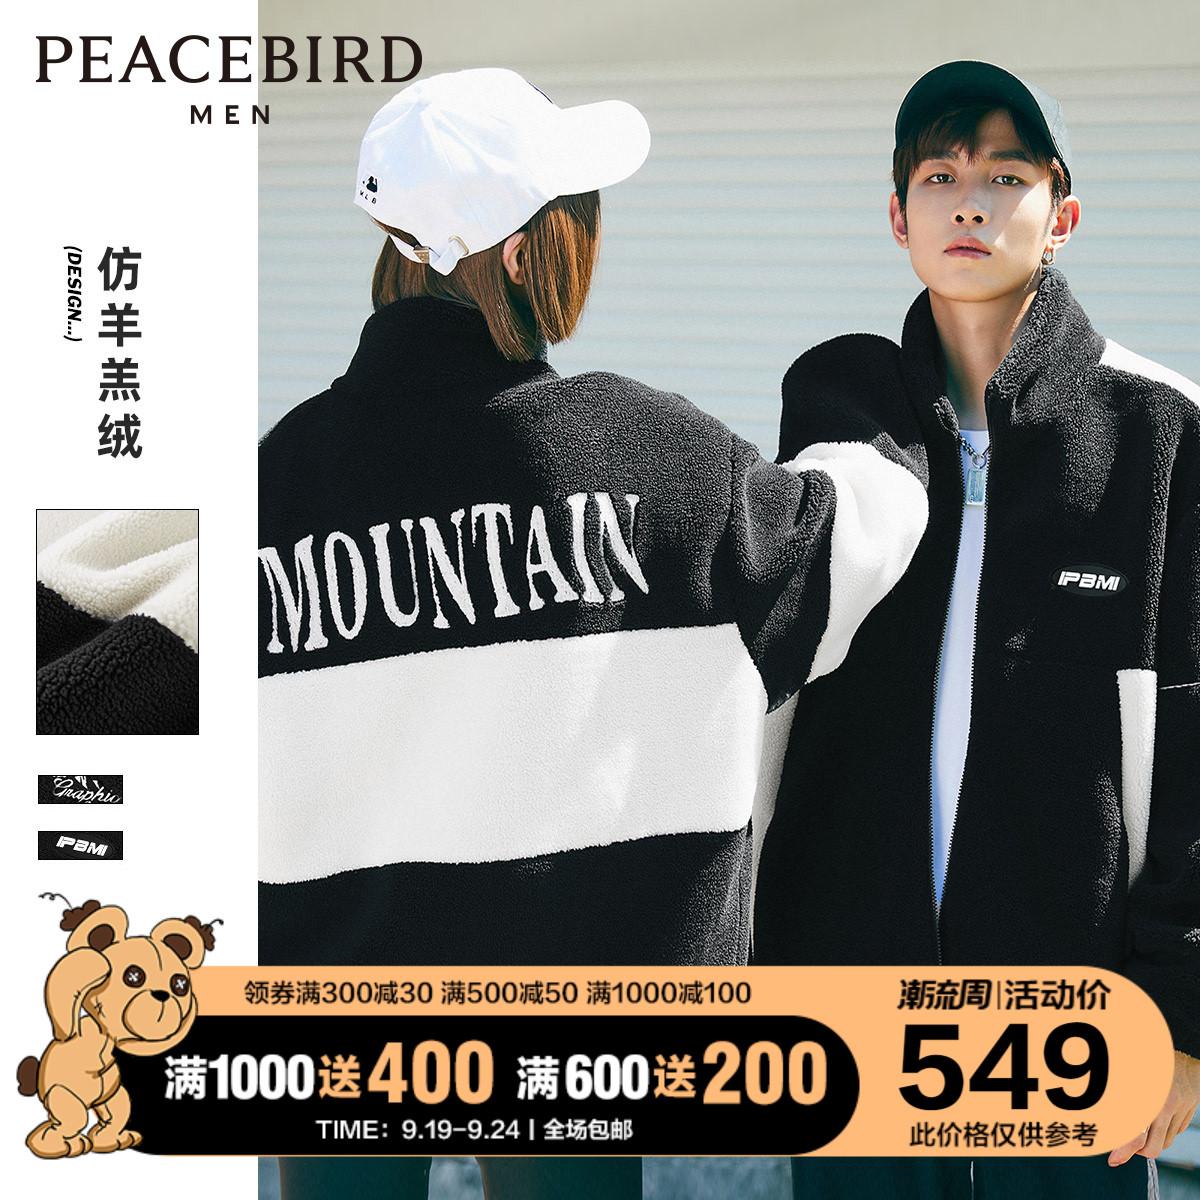 太平鸟男装 秋冬新款仿羊羔毛茄克时尚拼色休闲外套潮流立领夹克